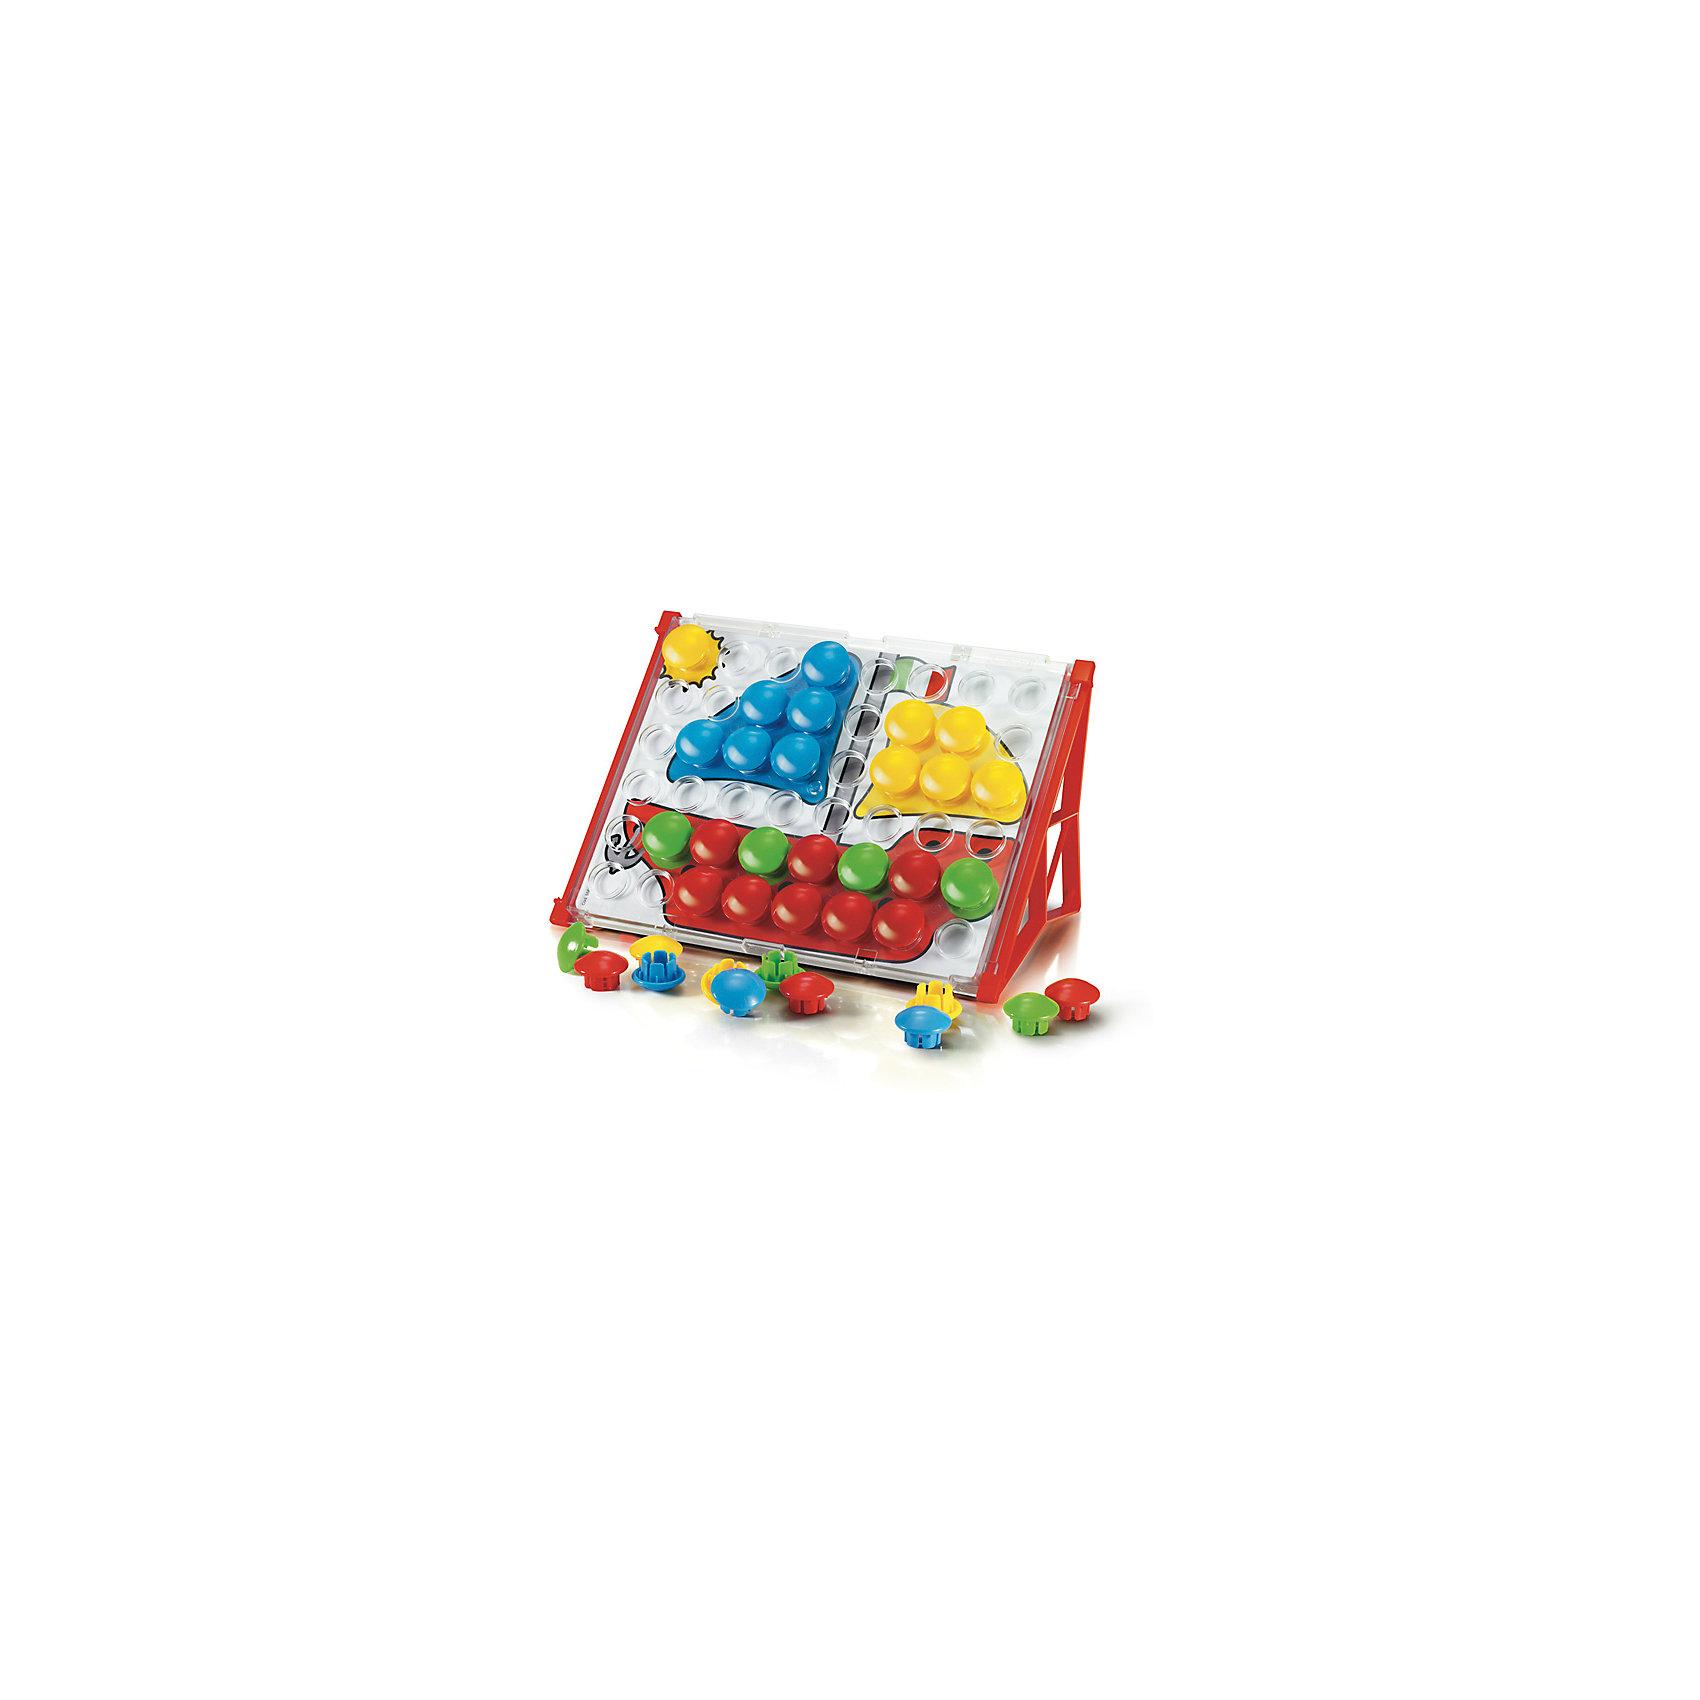 """Мозаика """"Фантастические цвета"""" для малышей """"Джуниор бейсик"""", 48 деталей, Quercetti от myToys"""